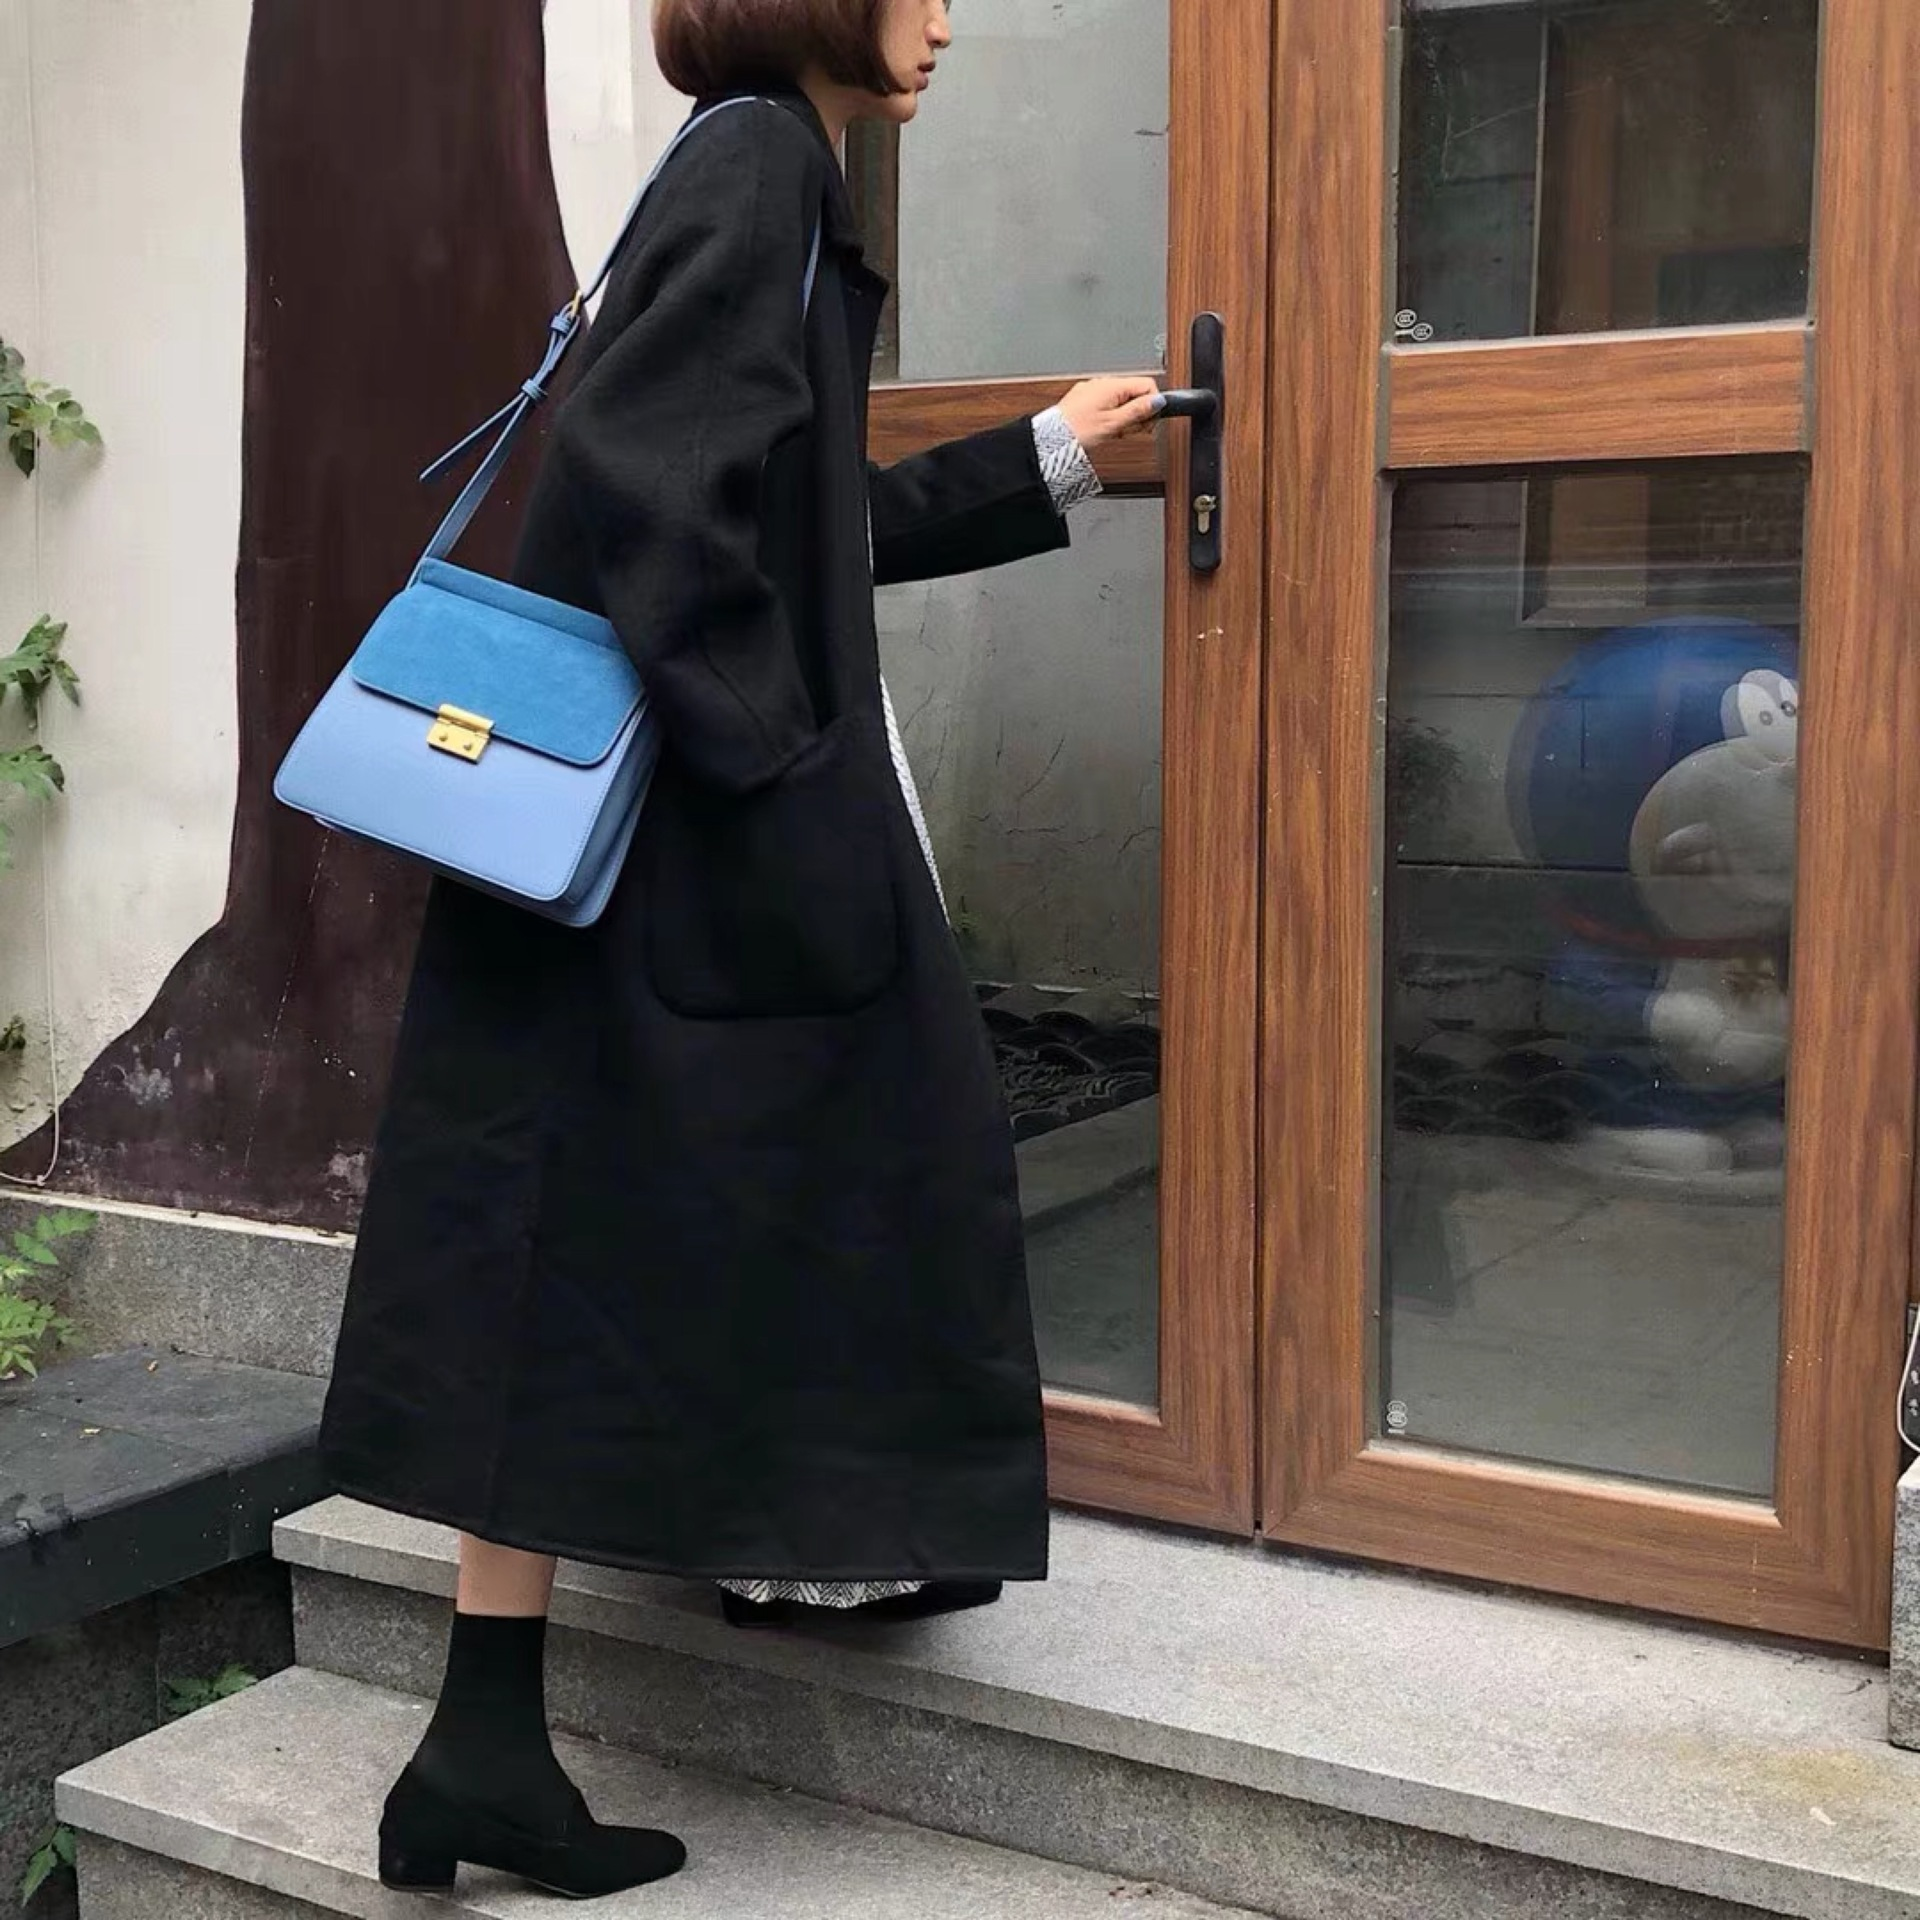 Manteau de laine femme - Ref 3417290 Image 16